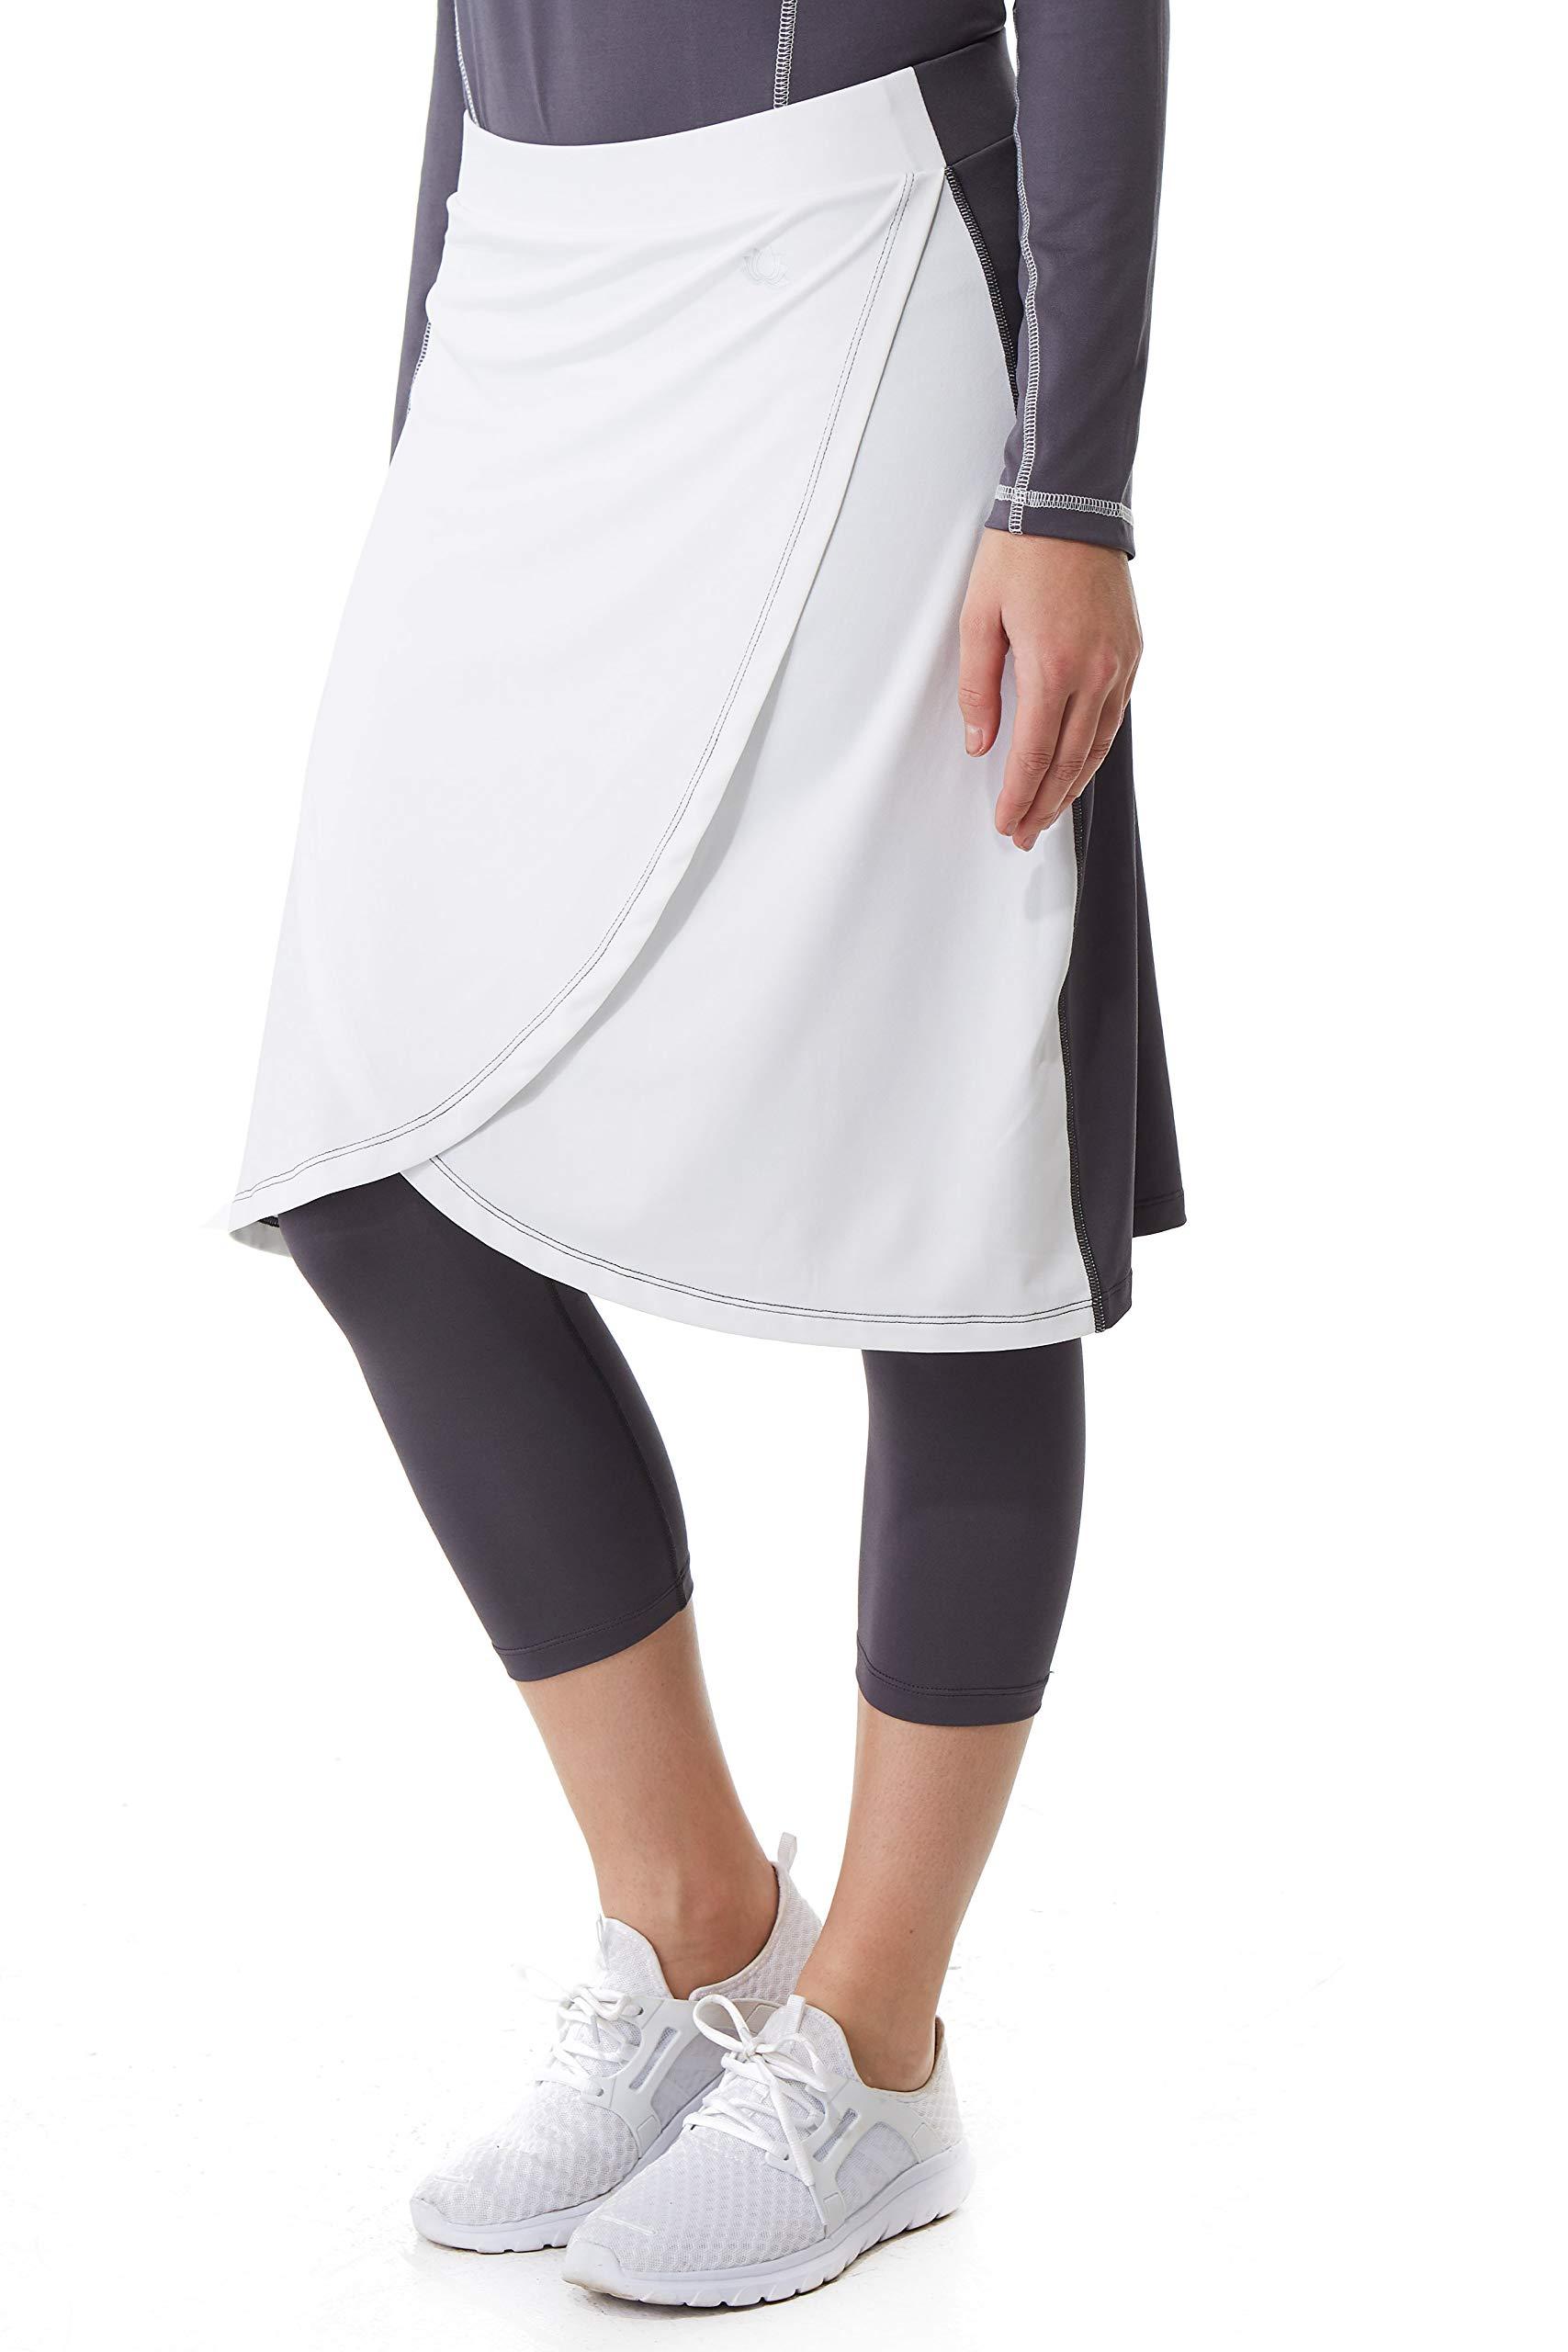 Snoga Athletics Two Tone Faux Wrap Workout Skirt - Gray/White, Small